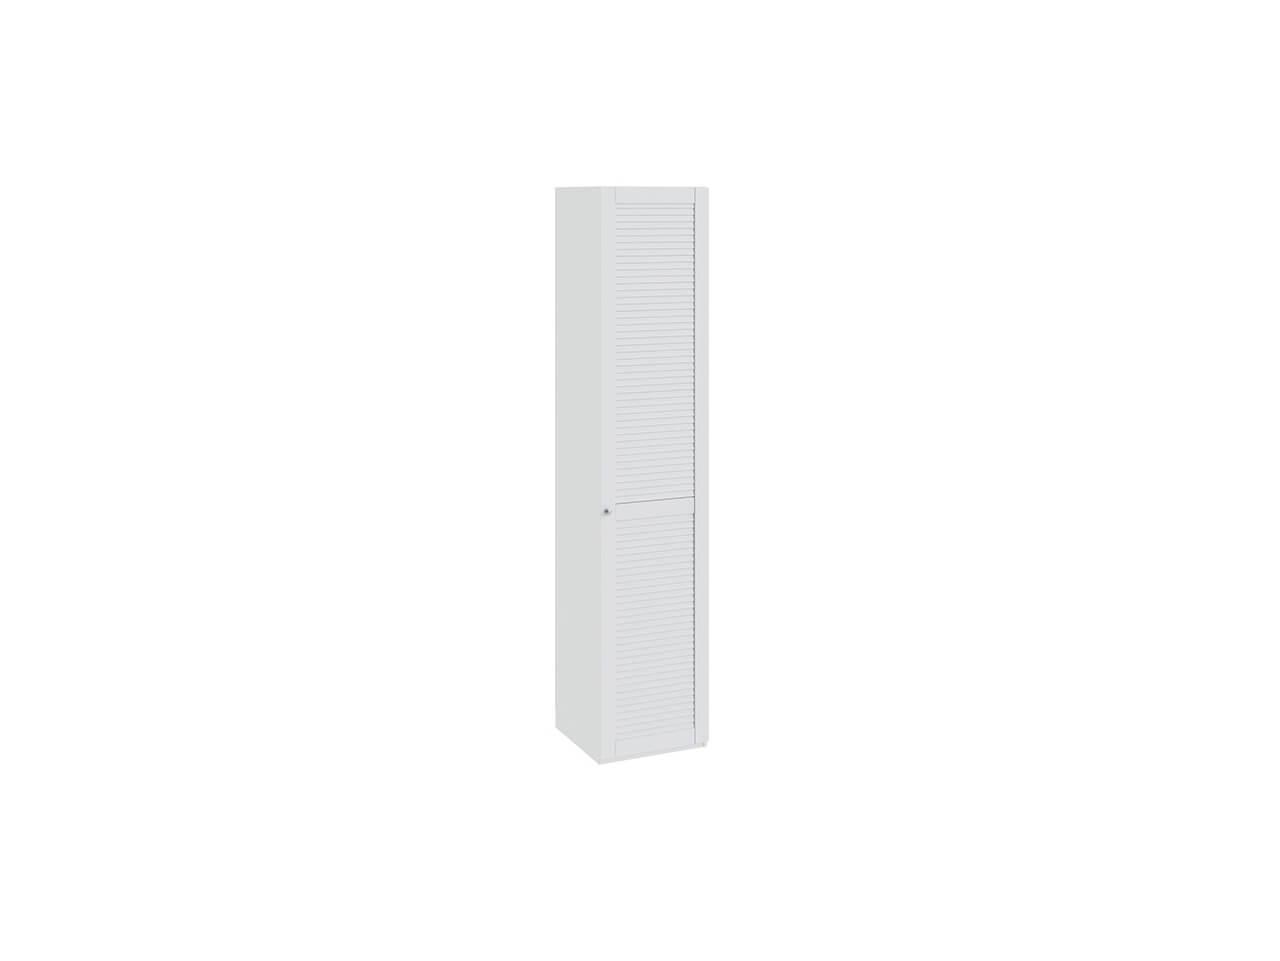 Шкаф для белья с 1-ой дверью правый Ривьера СМ 241-21-001R 447х452х2111